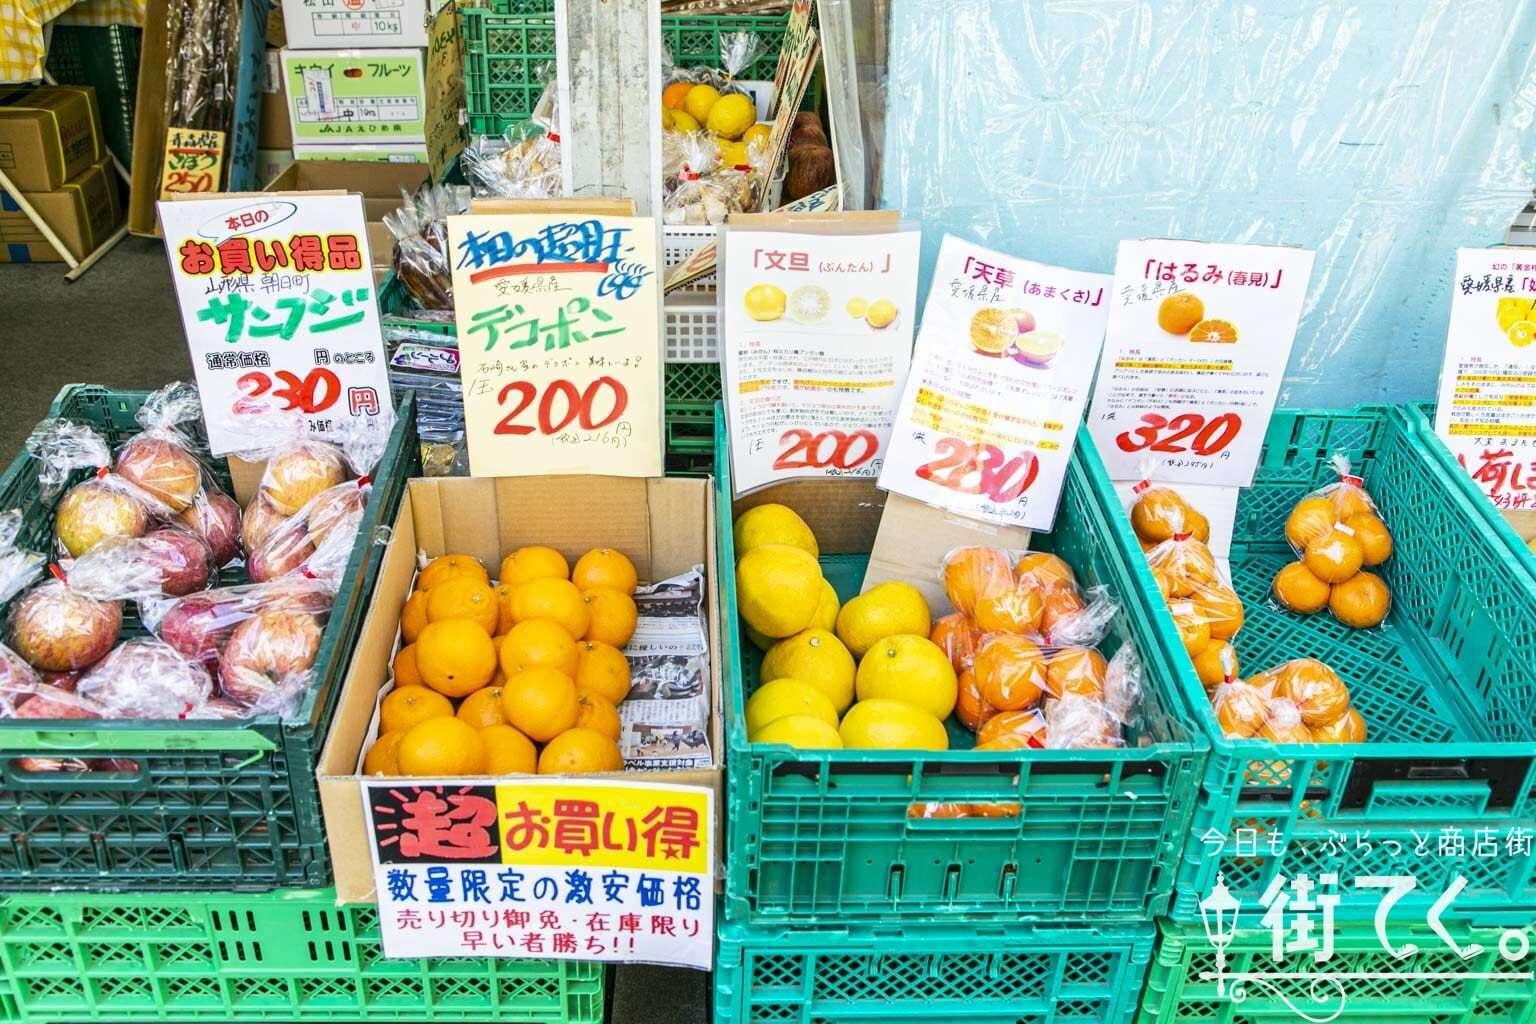 産直市場 ペロスケ赤塚店